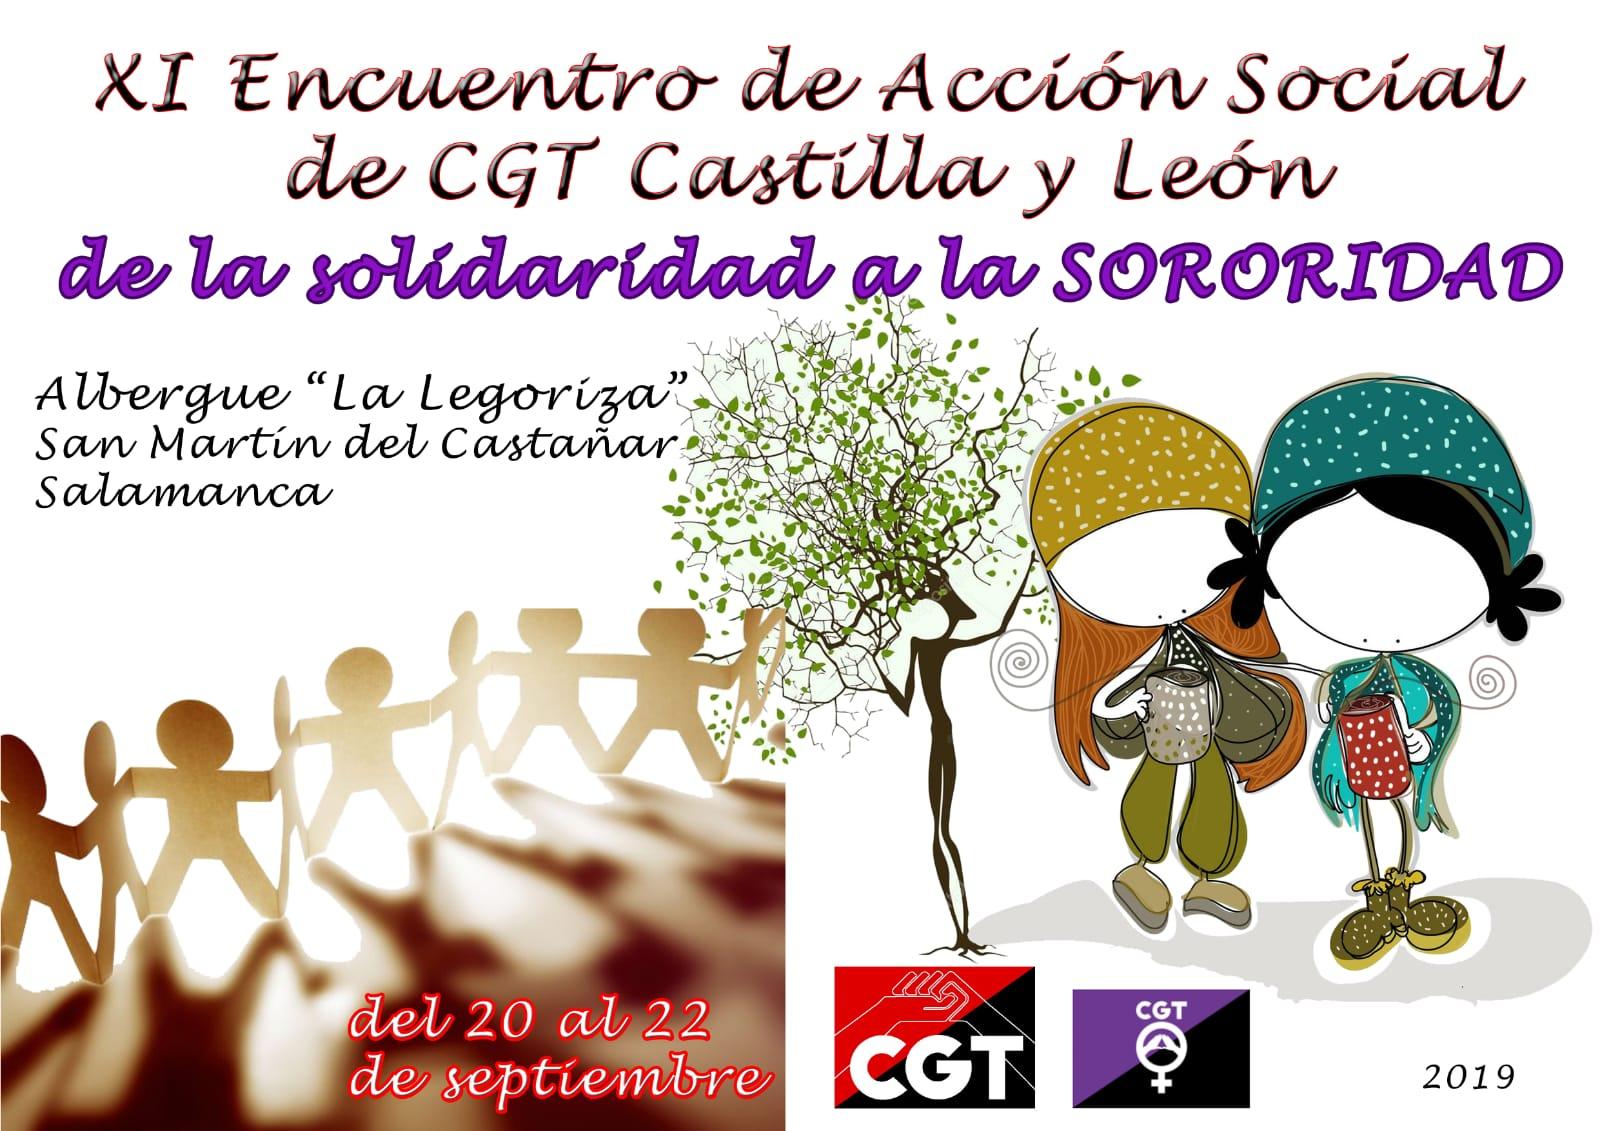 Participando en el XI Encuentro de acción social de CGT Castilla y Léon.